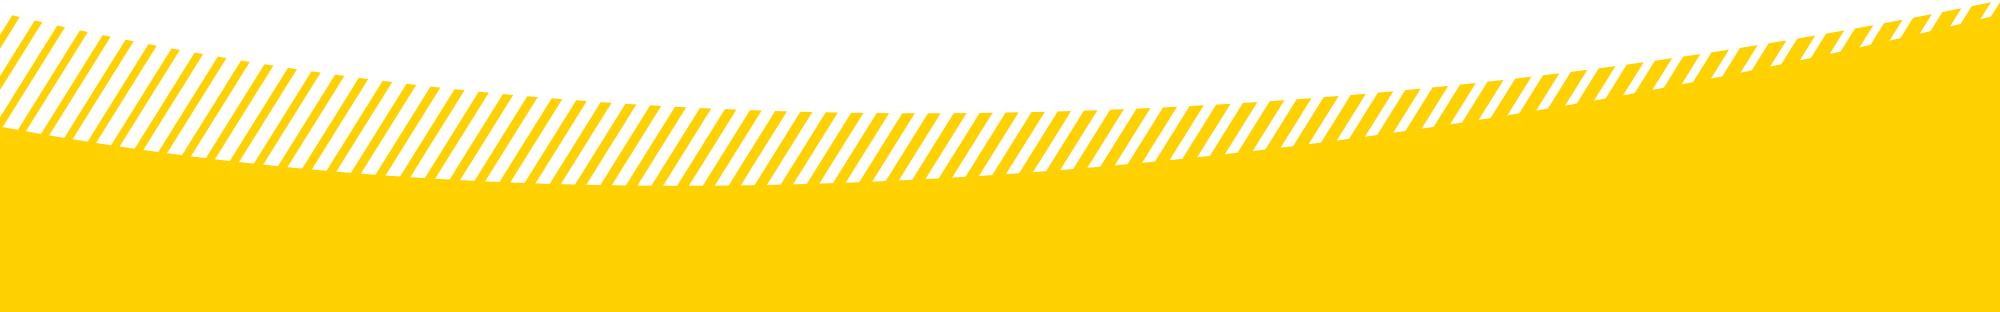 Yellow Branding.png